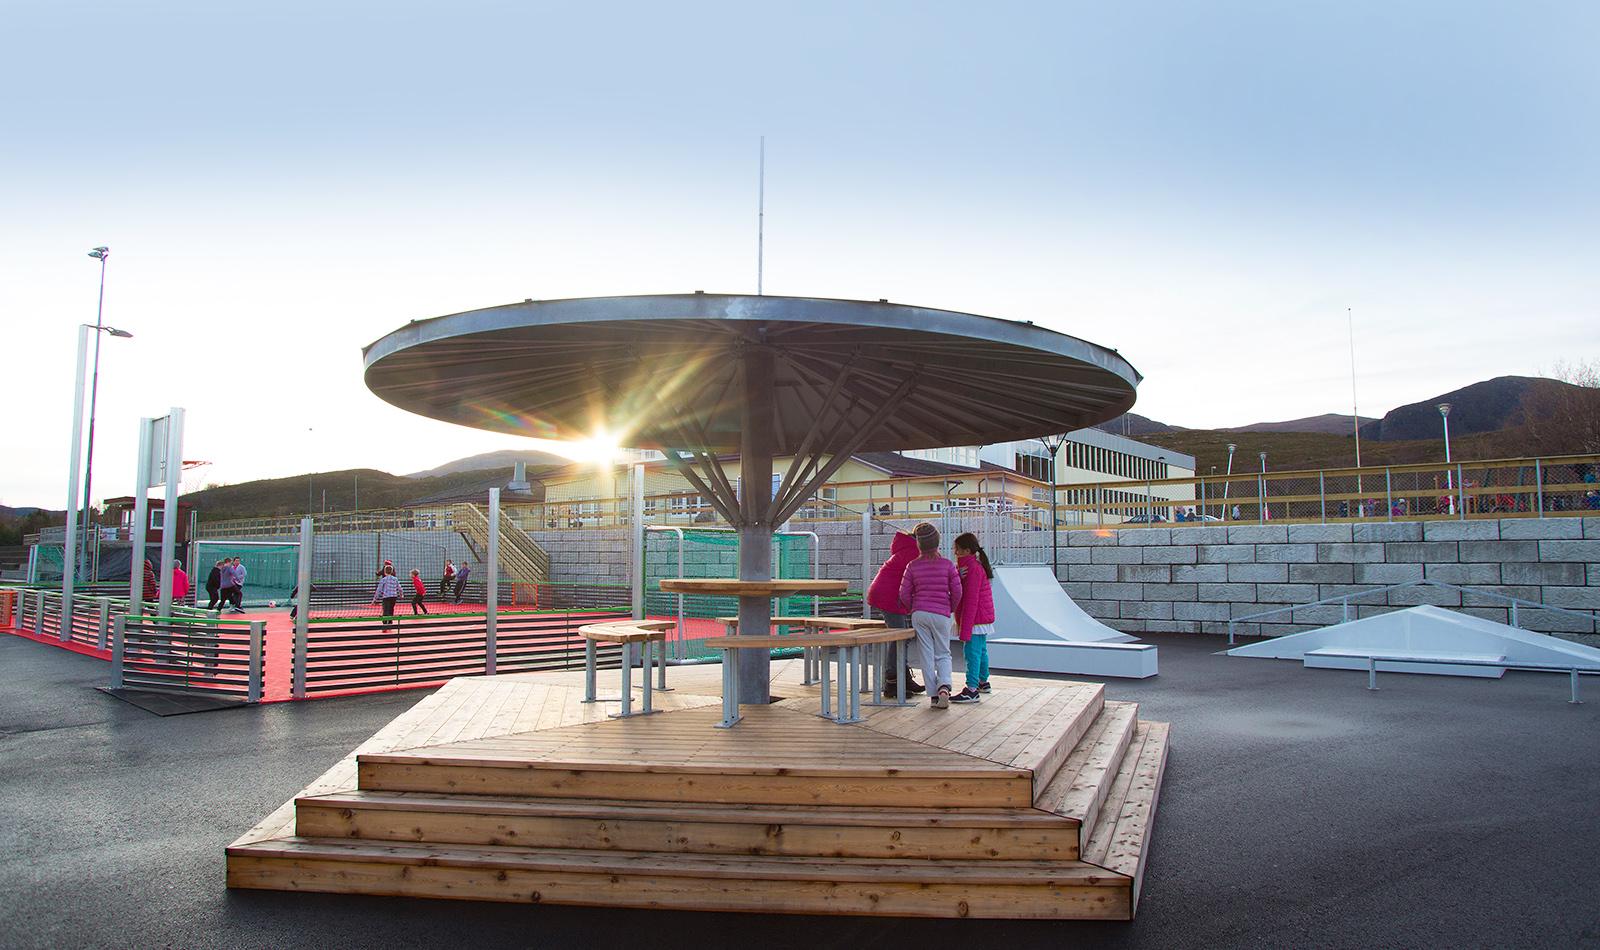 møteplassen-nærmiljøanlegg-unisport-tjørvåg